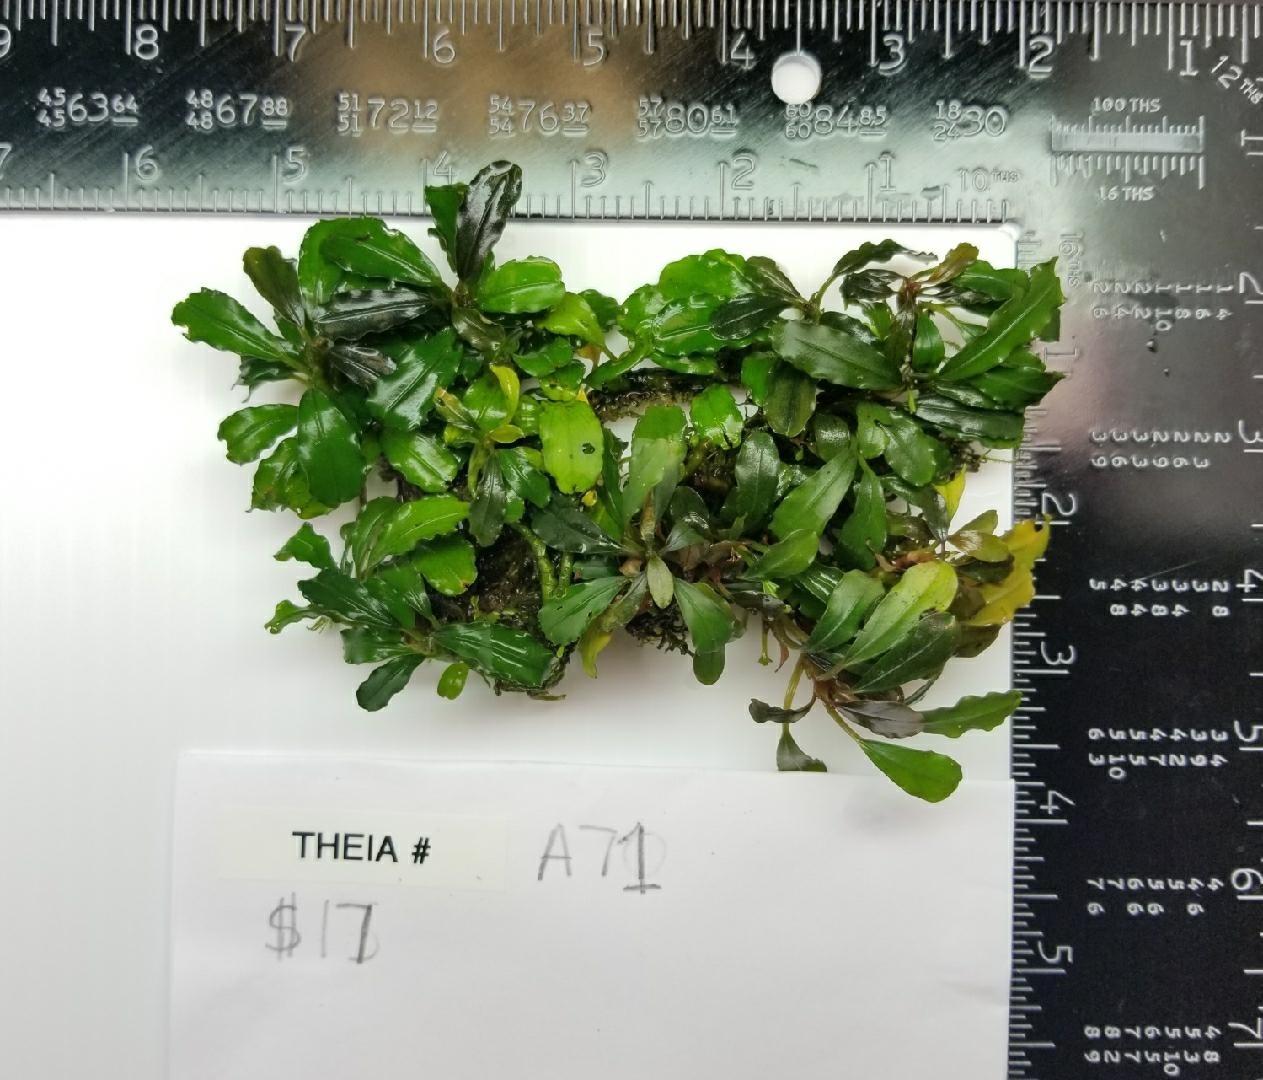 Buce Theia A 71